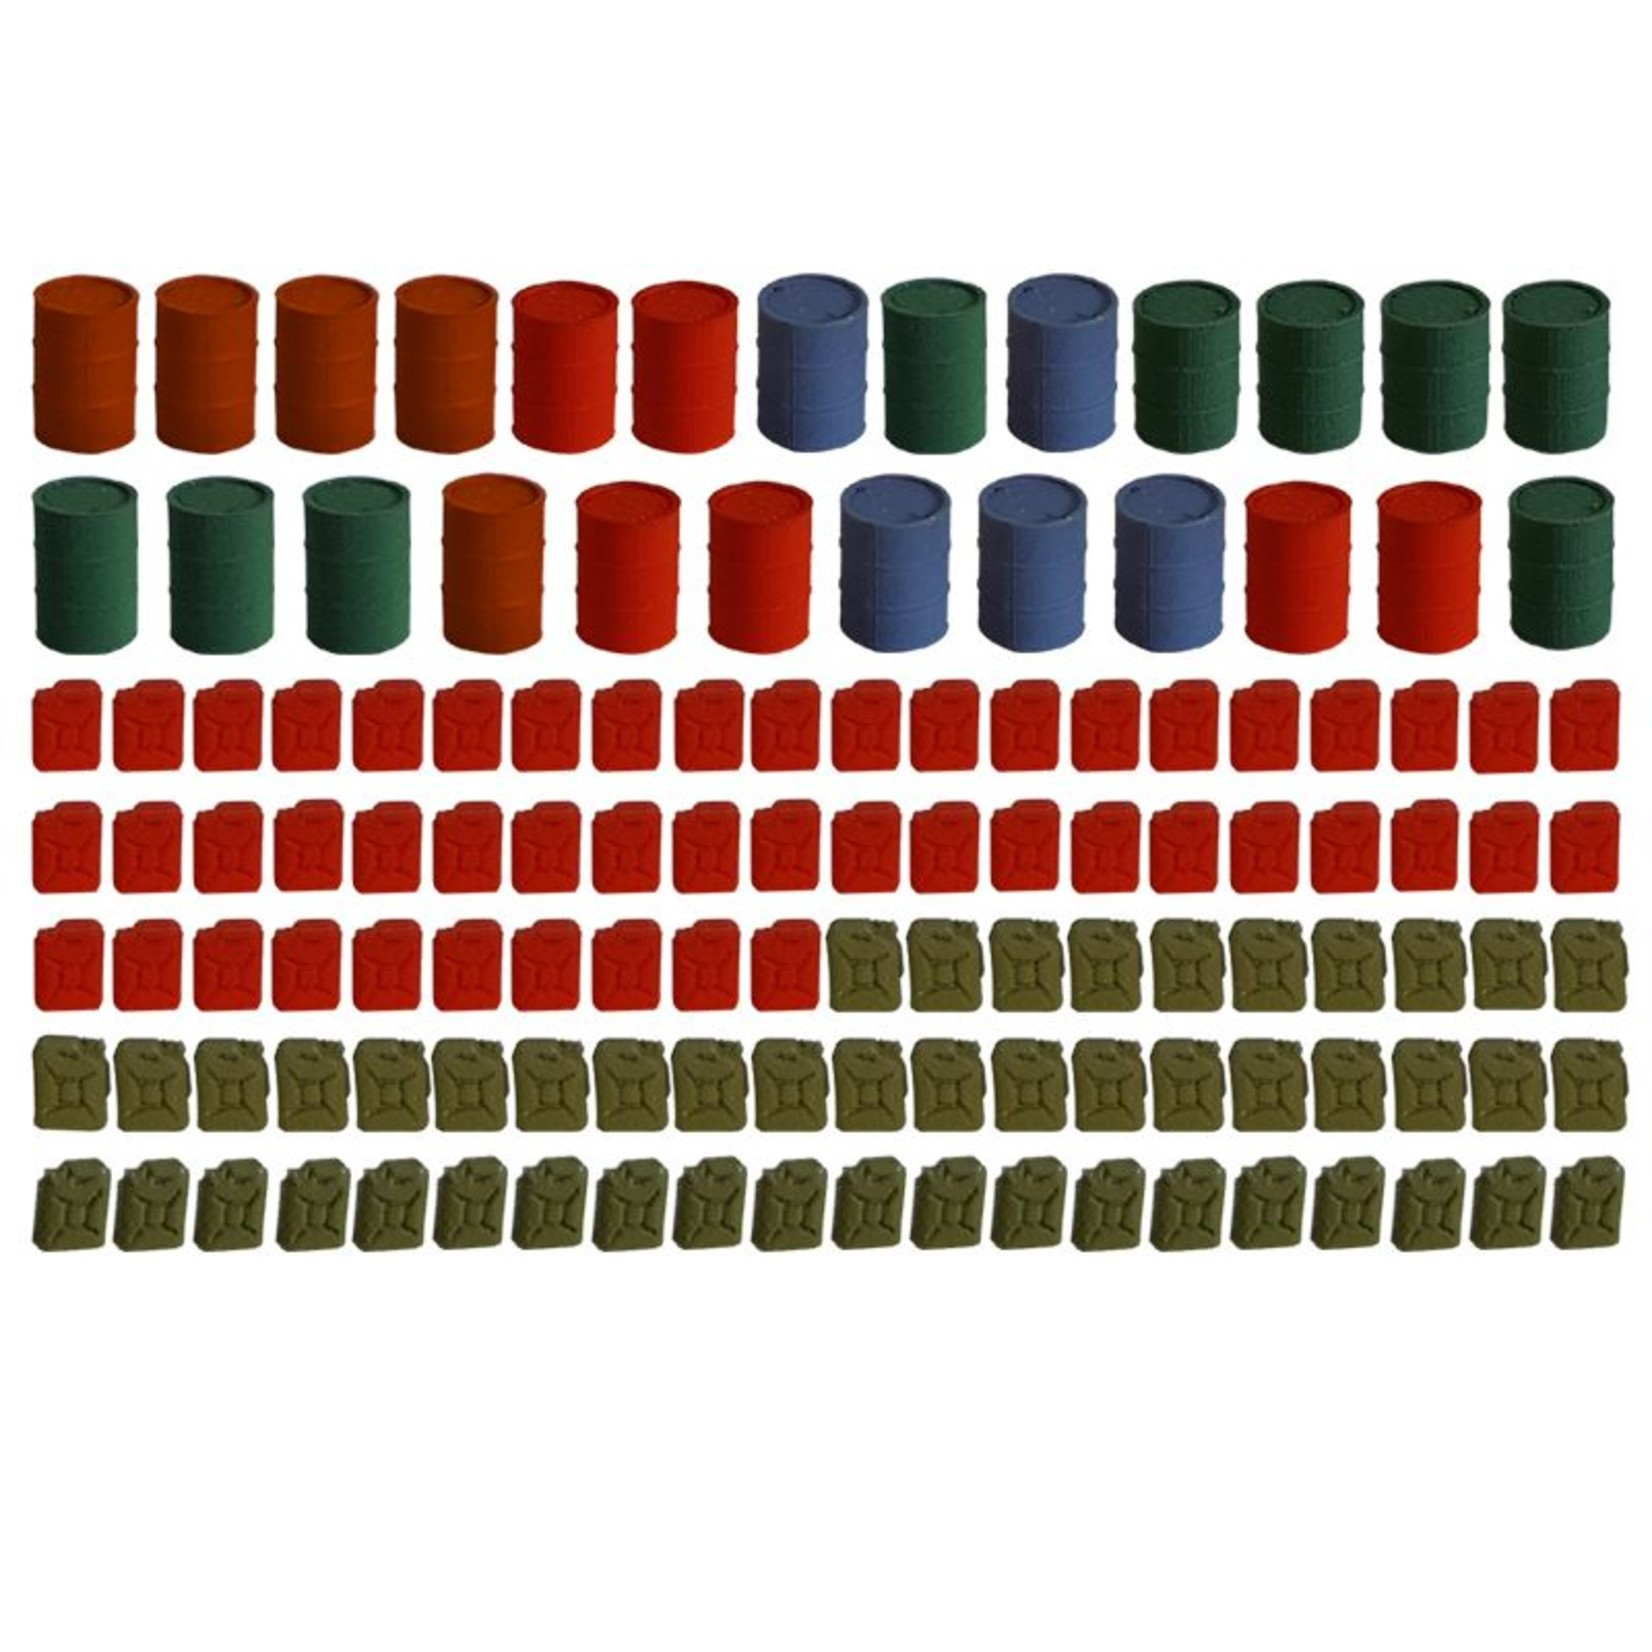 Jerry cans & barrels 125 pieces